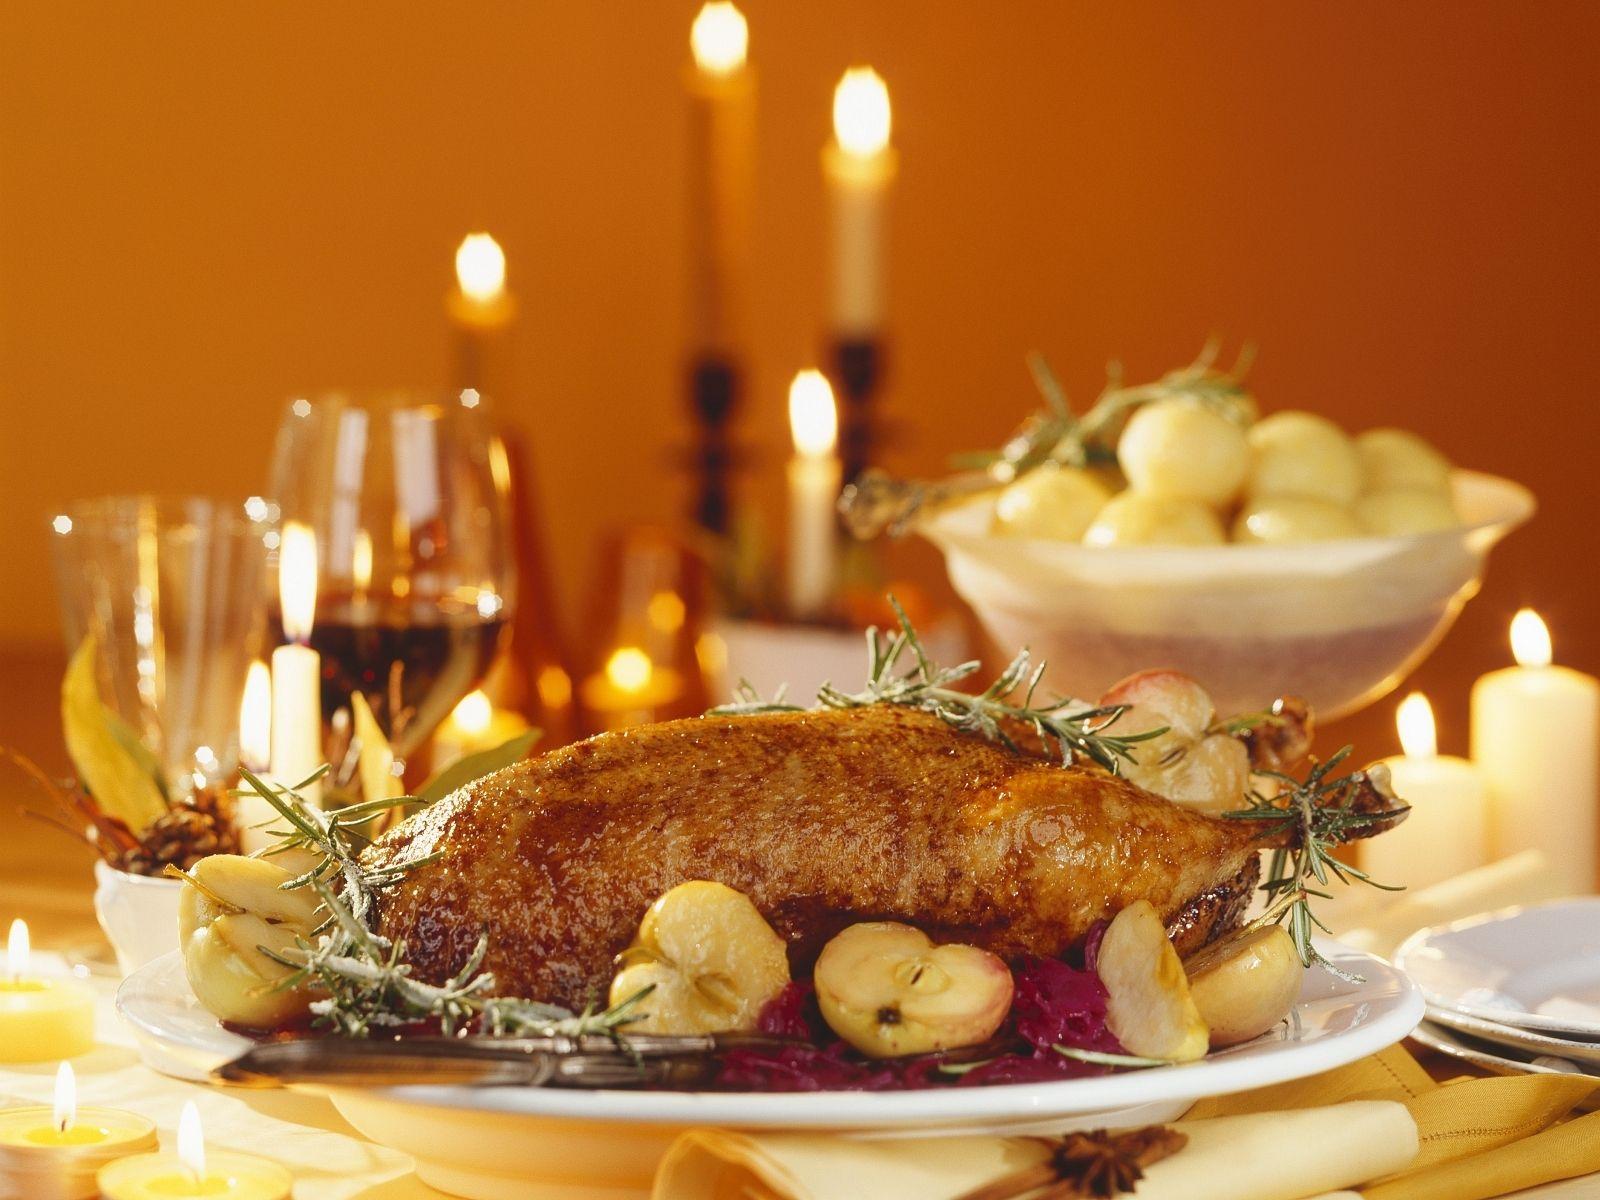 Was Koche Ich An Weihnachten.Gänsebraten Mit Apfelblaukraut Zu Weihnachten